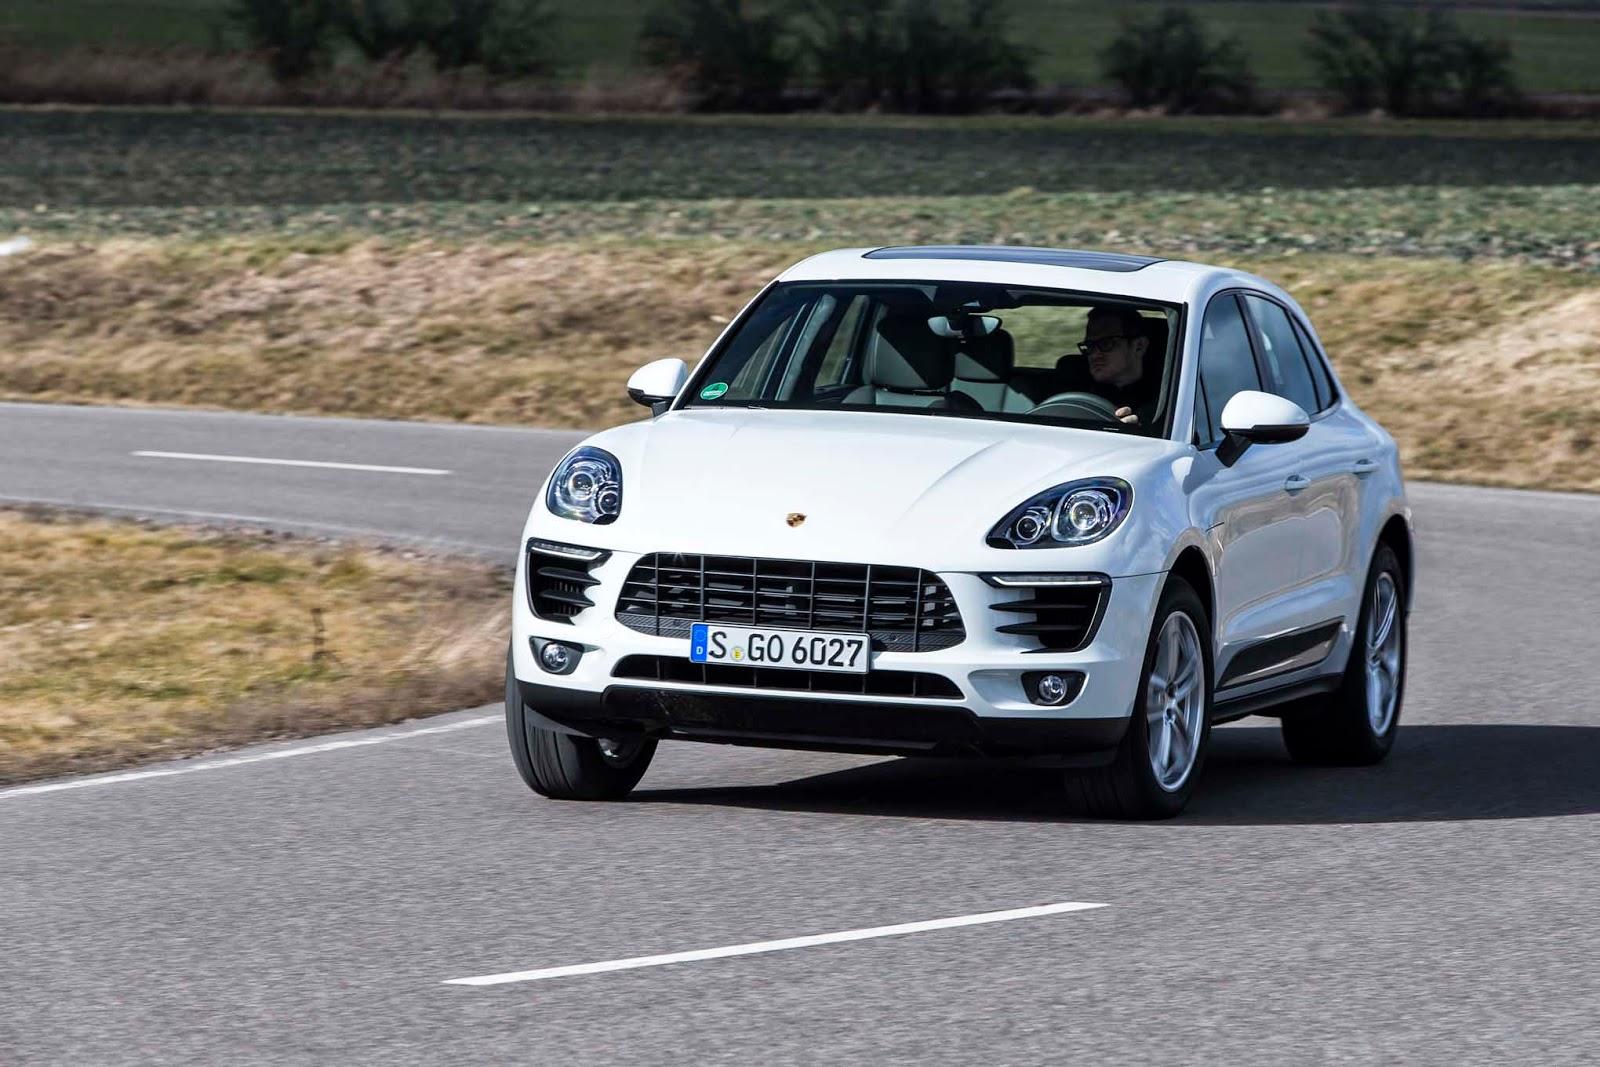 Porsche Macan S Image